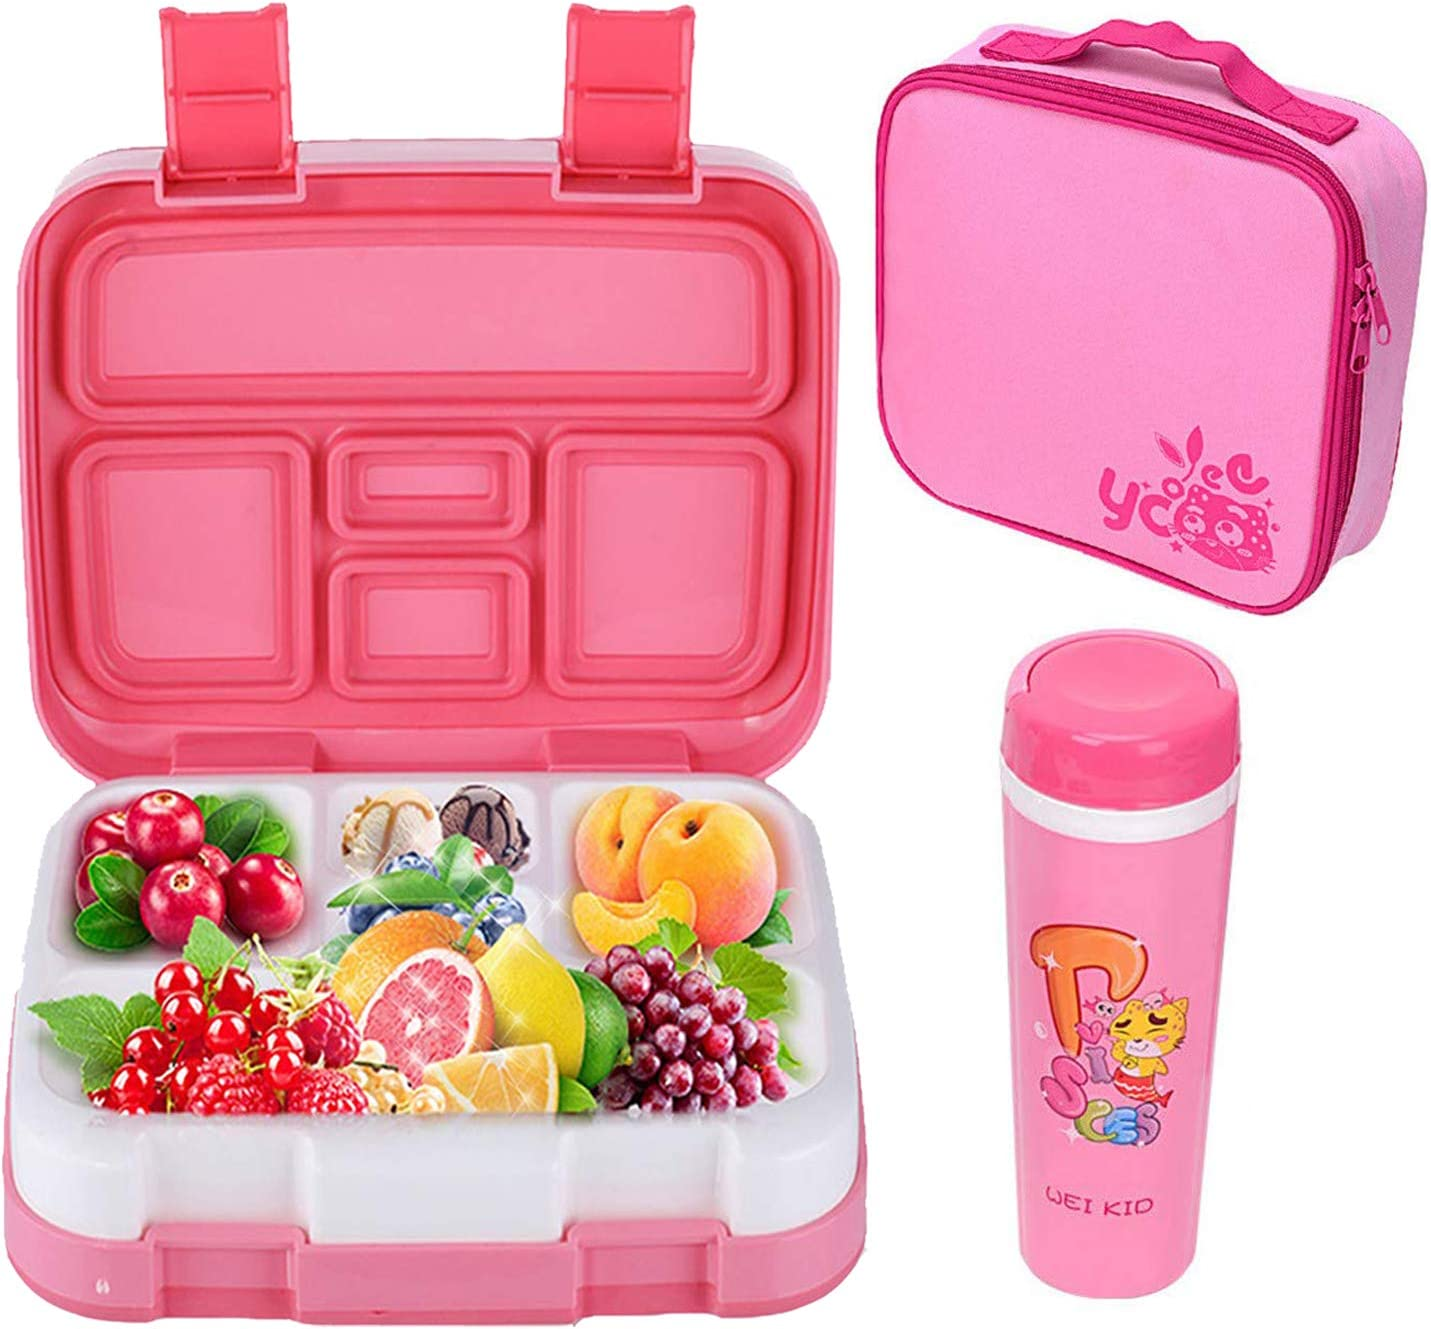 LAKIND Fiambreras Bento, Caja de Almuerzo con 5 Compartimentos Fiambrera Infantil, Bento Box para Niños, Lunchbox Fiambrera Sostenible, Apta para Microondas y Lavavajillas